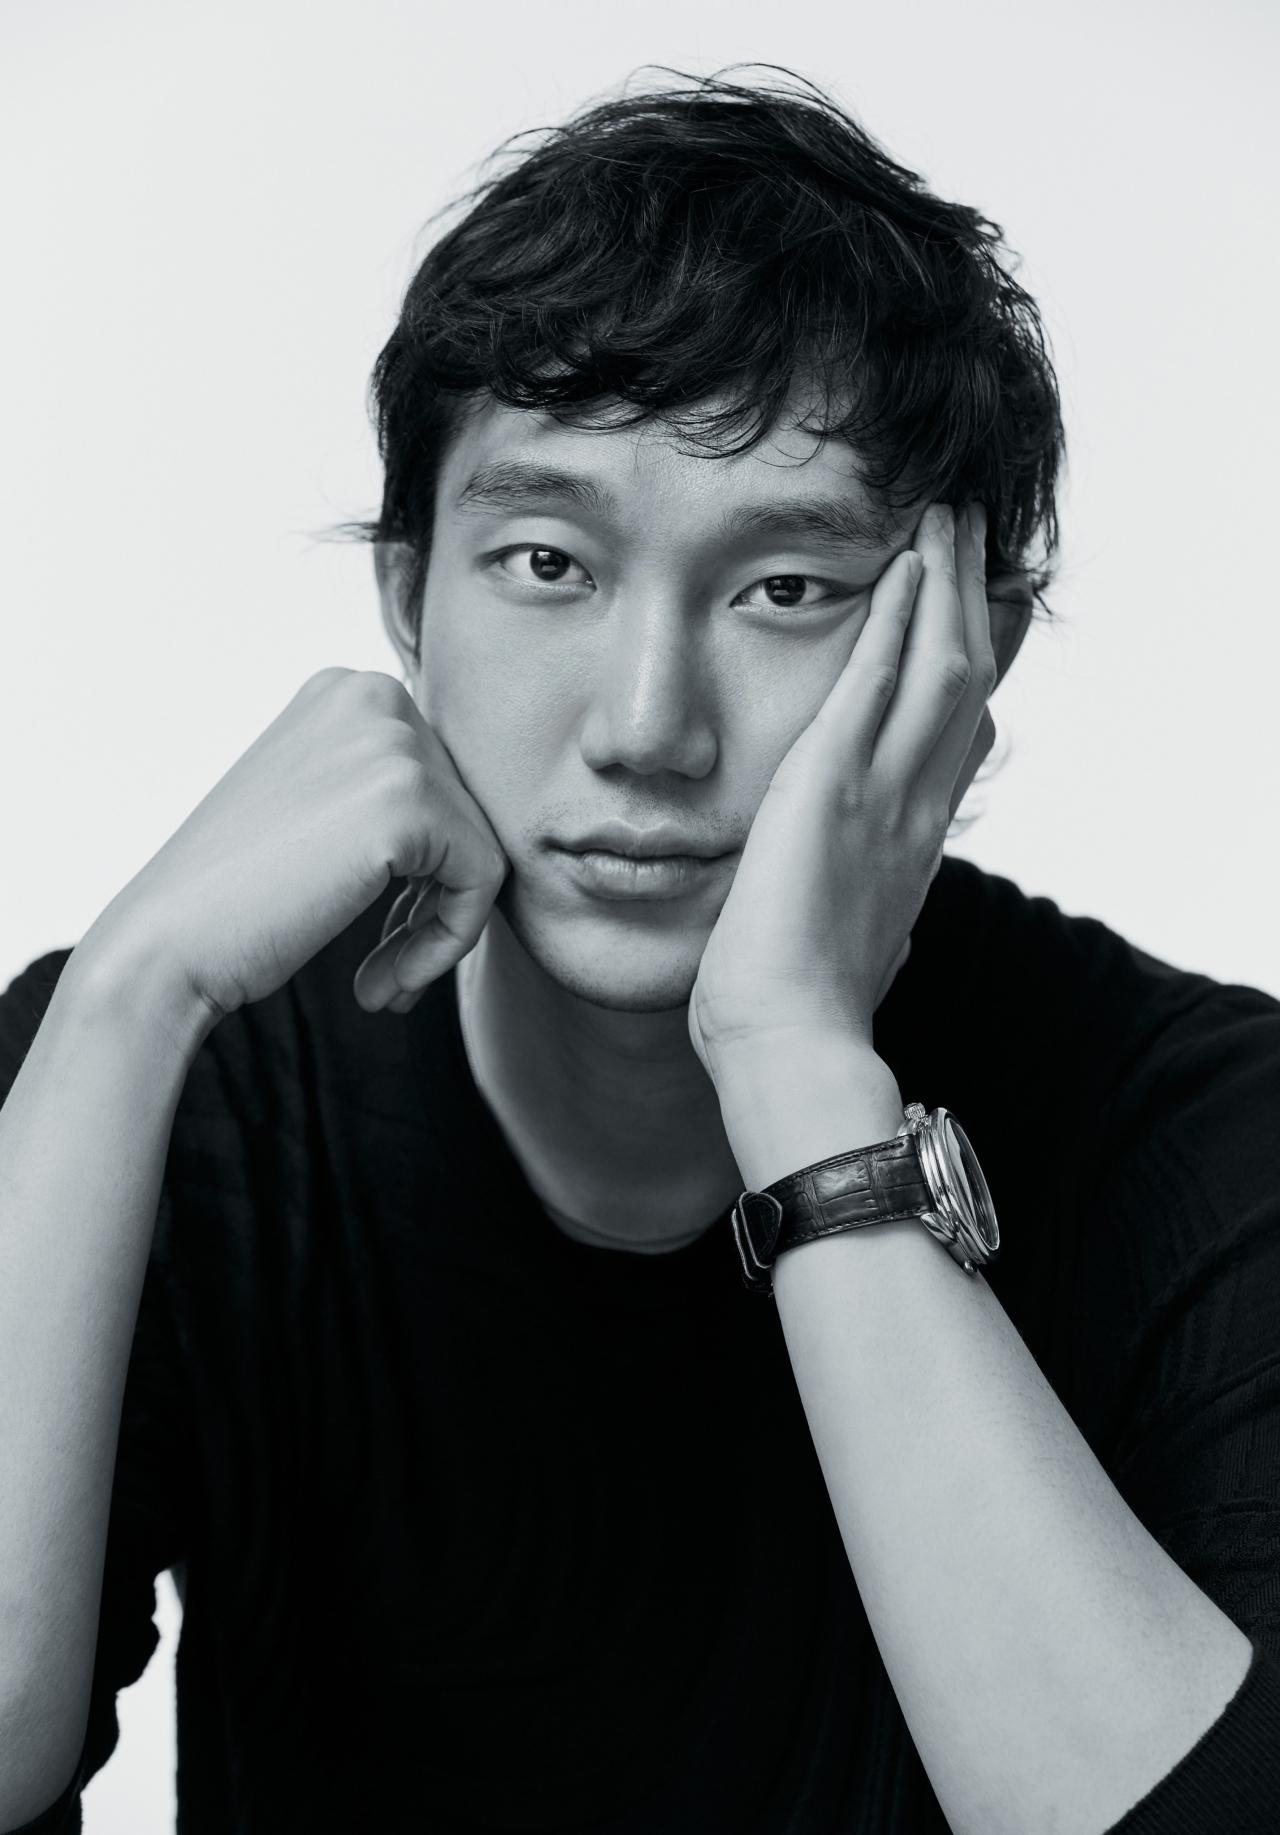 Sang Jeon (Courtesy of Sang Jeon)